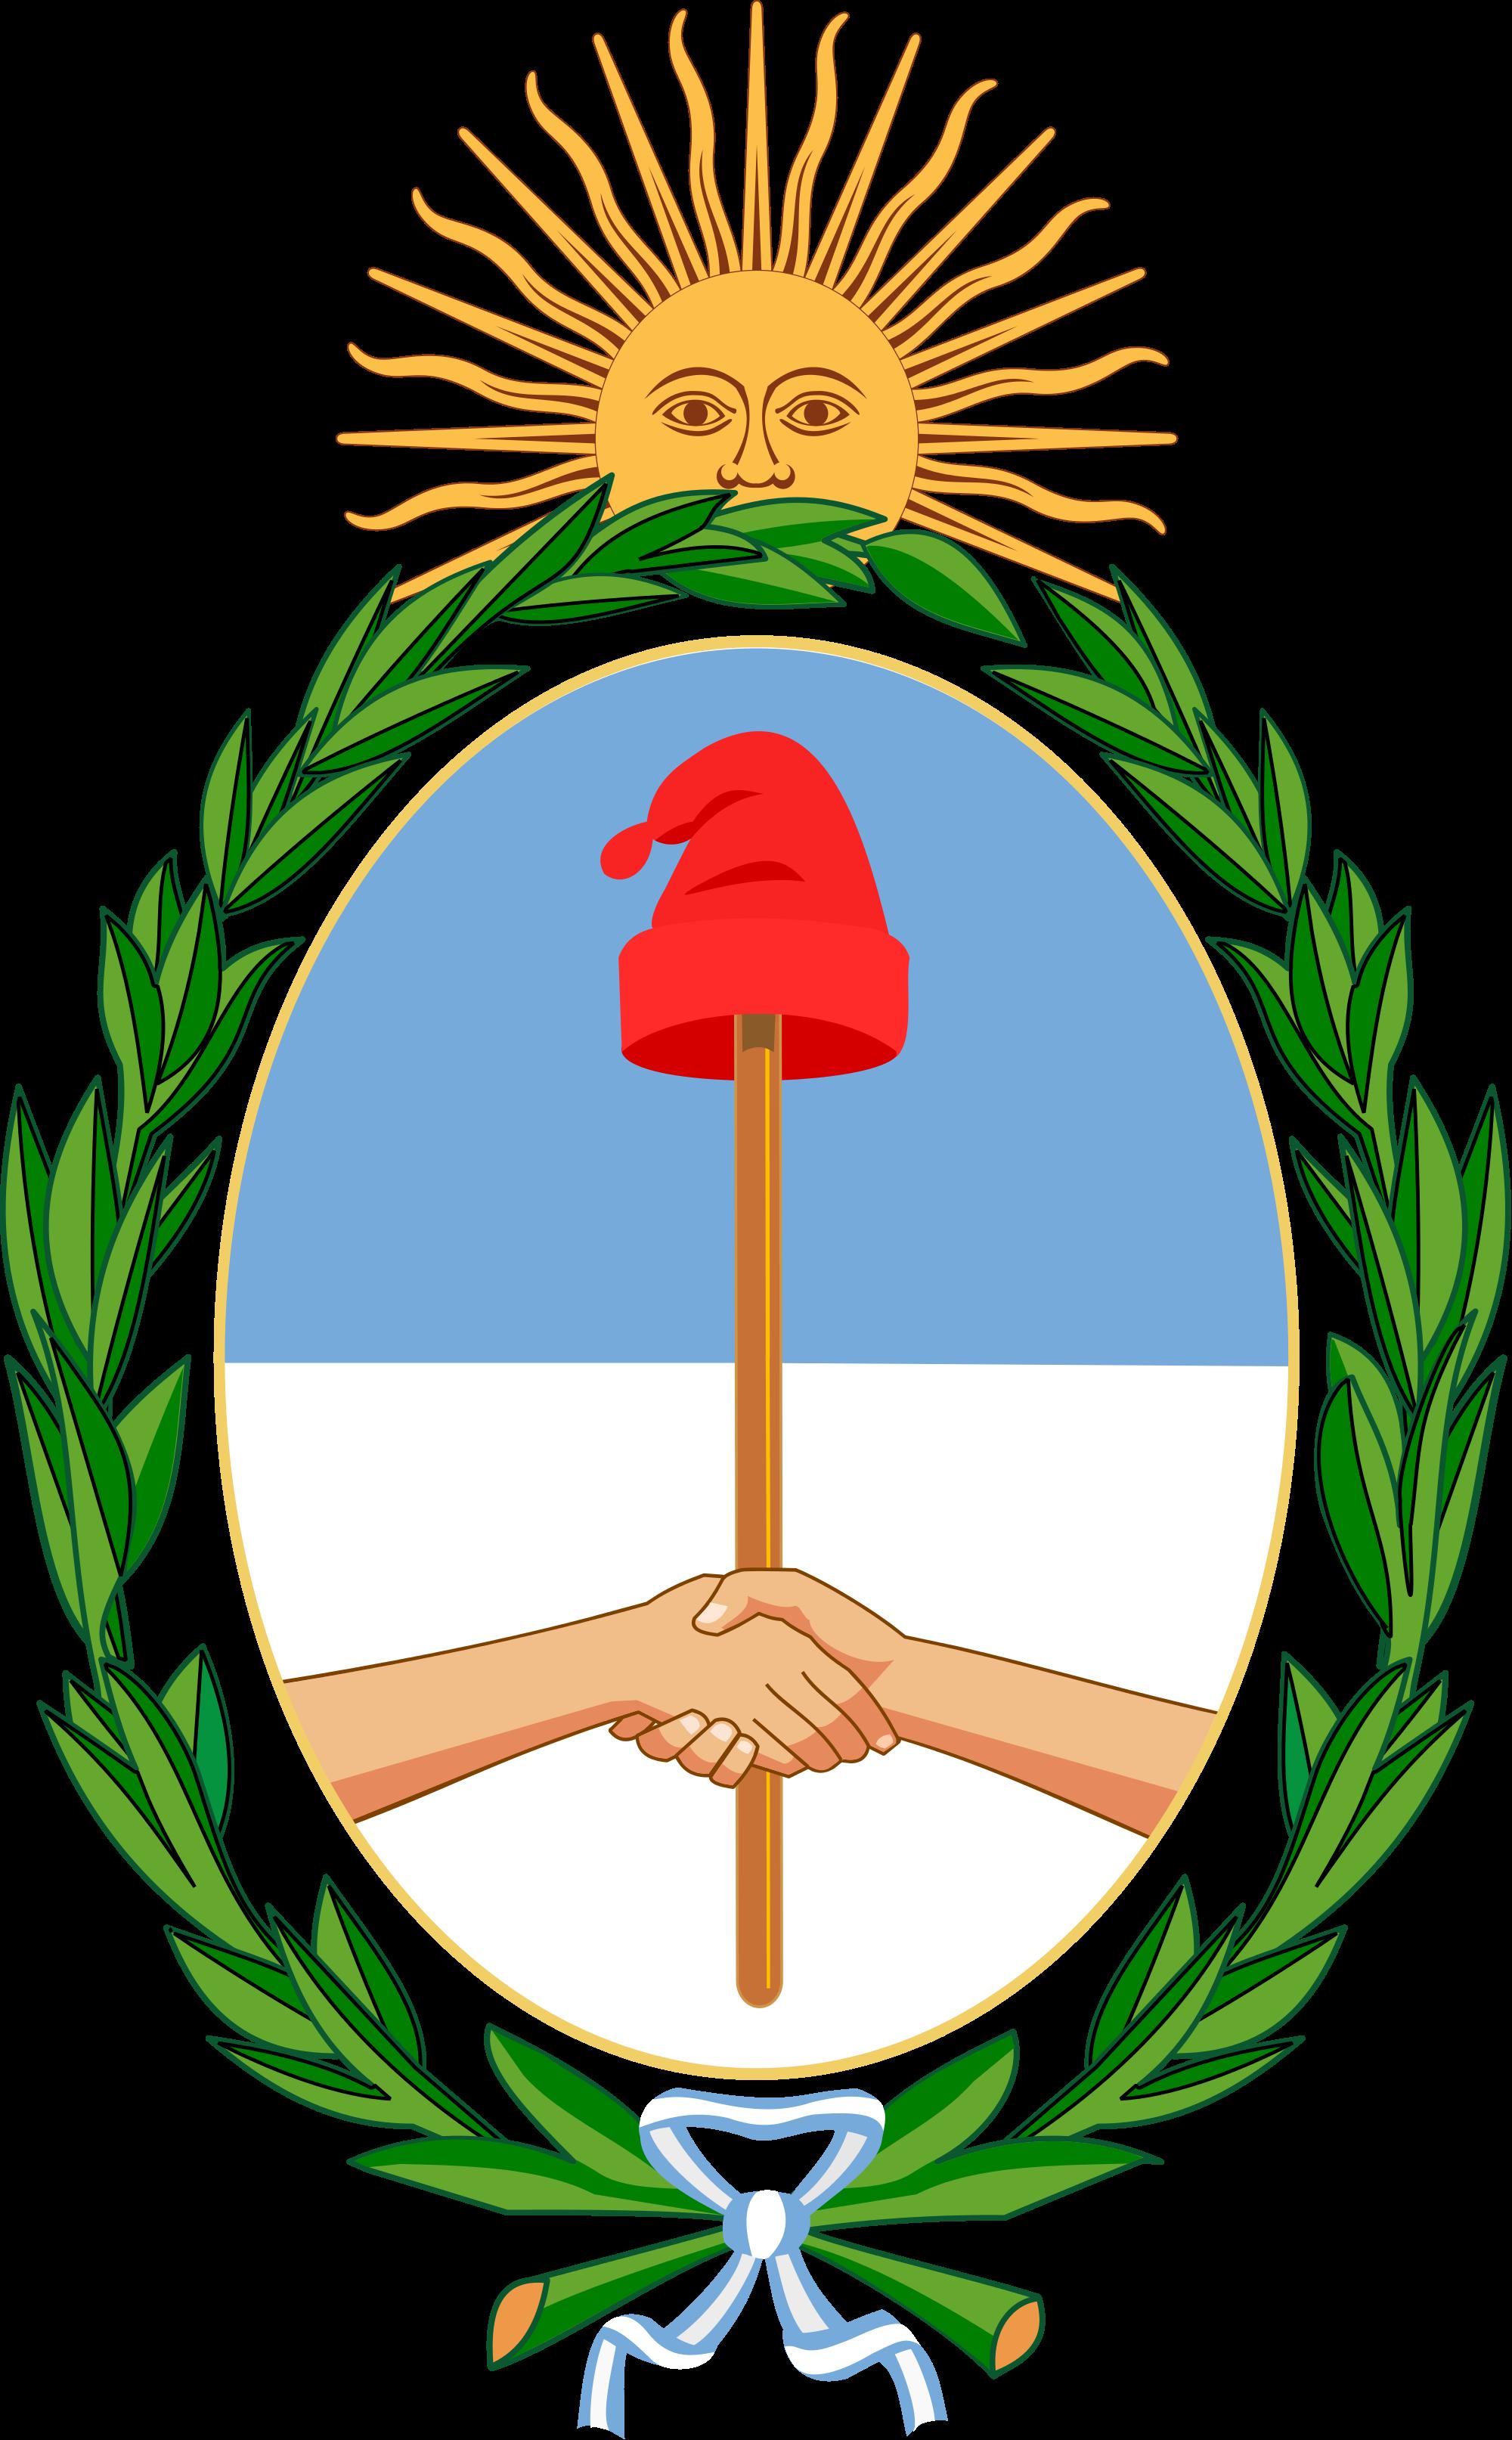 Argentiinan vaakuna